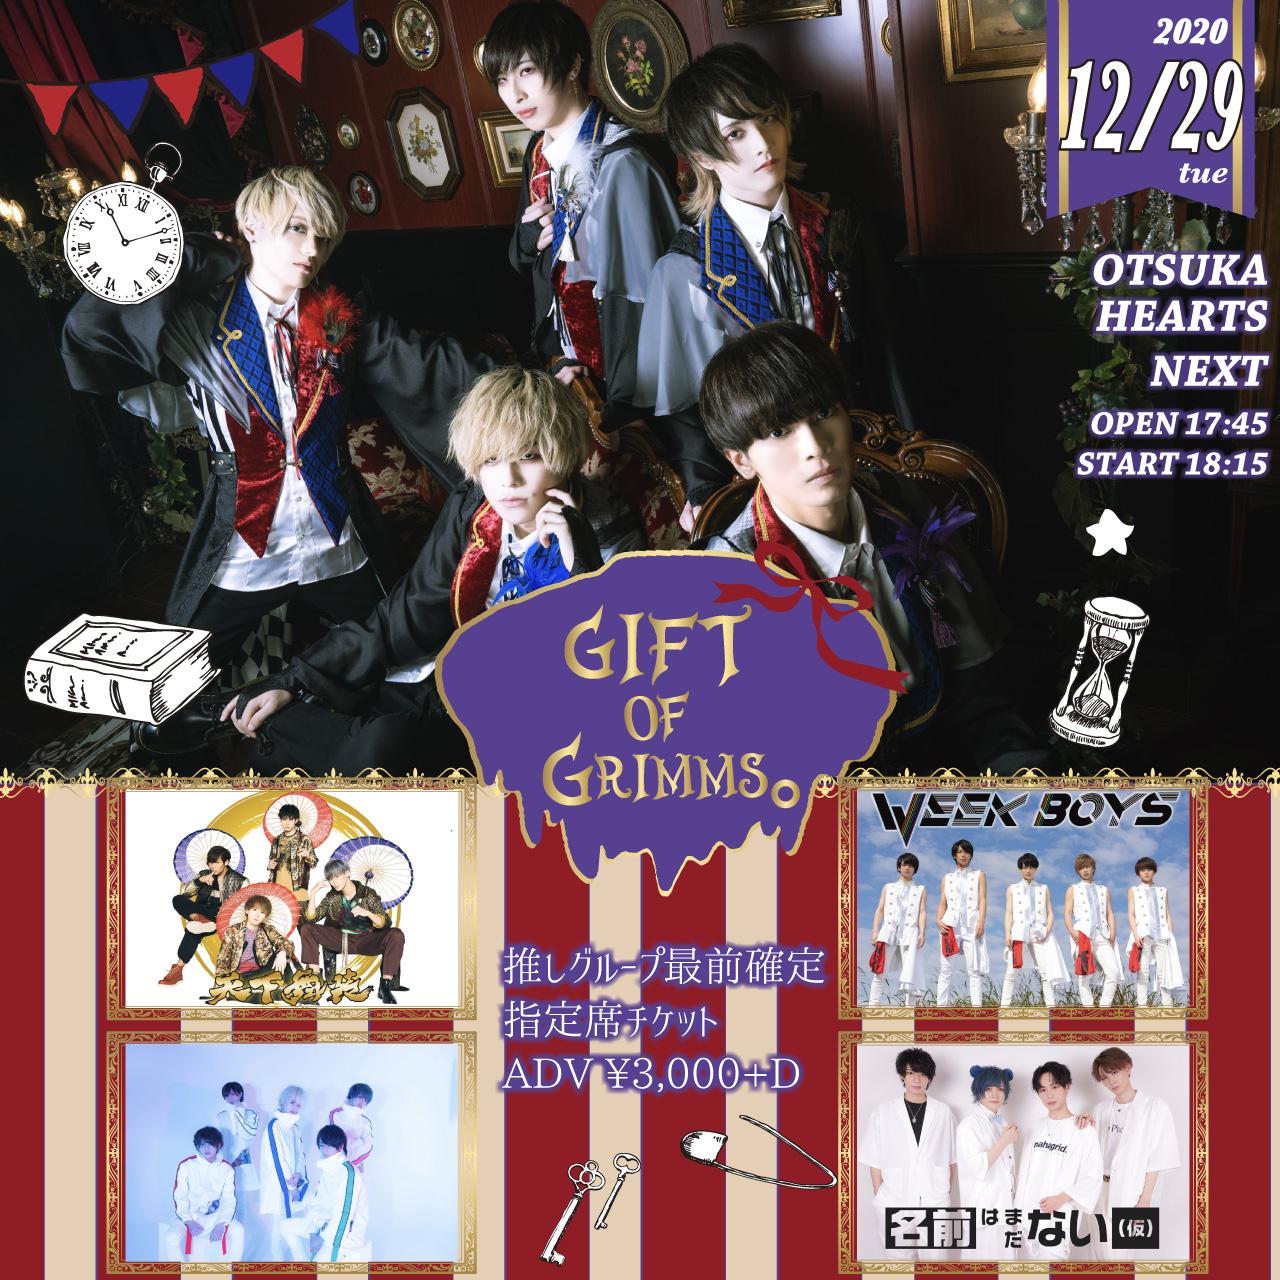 嘘吐Grimms。presents『Gift of Grimms。』